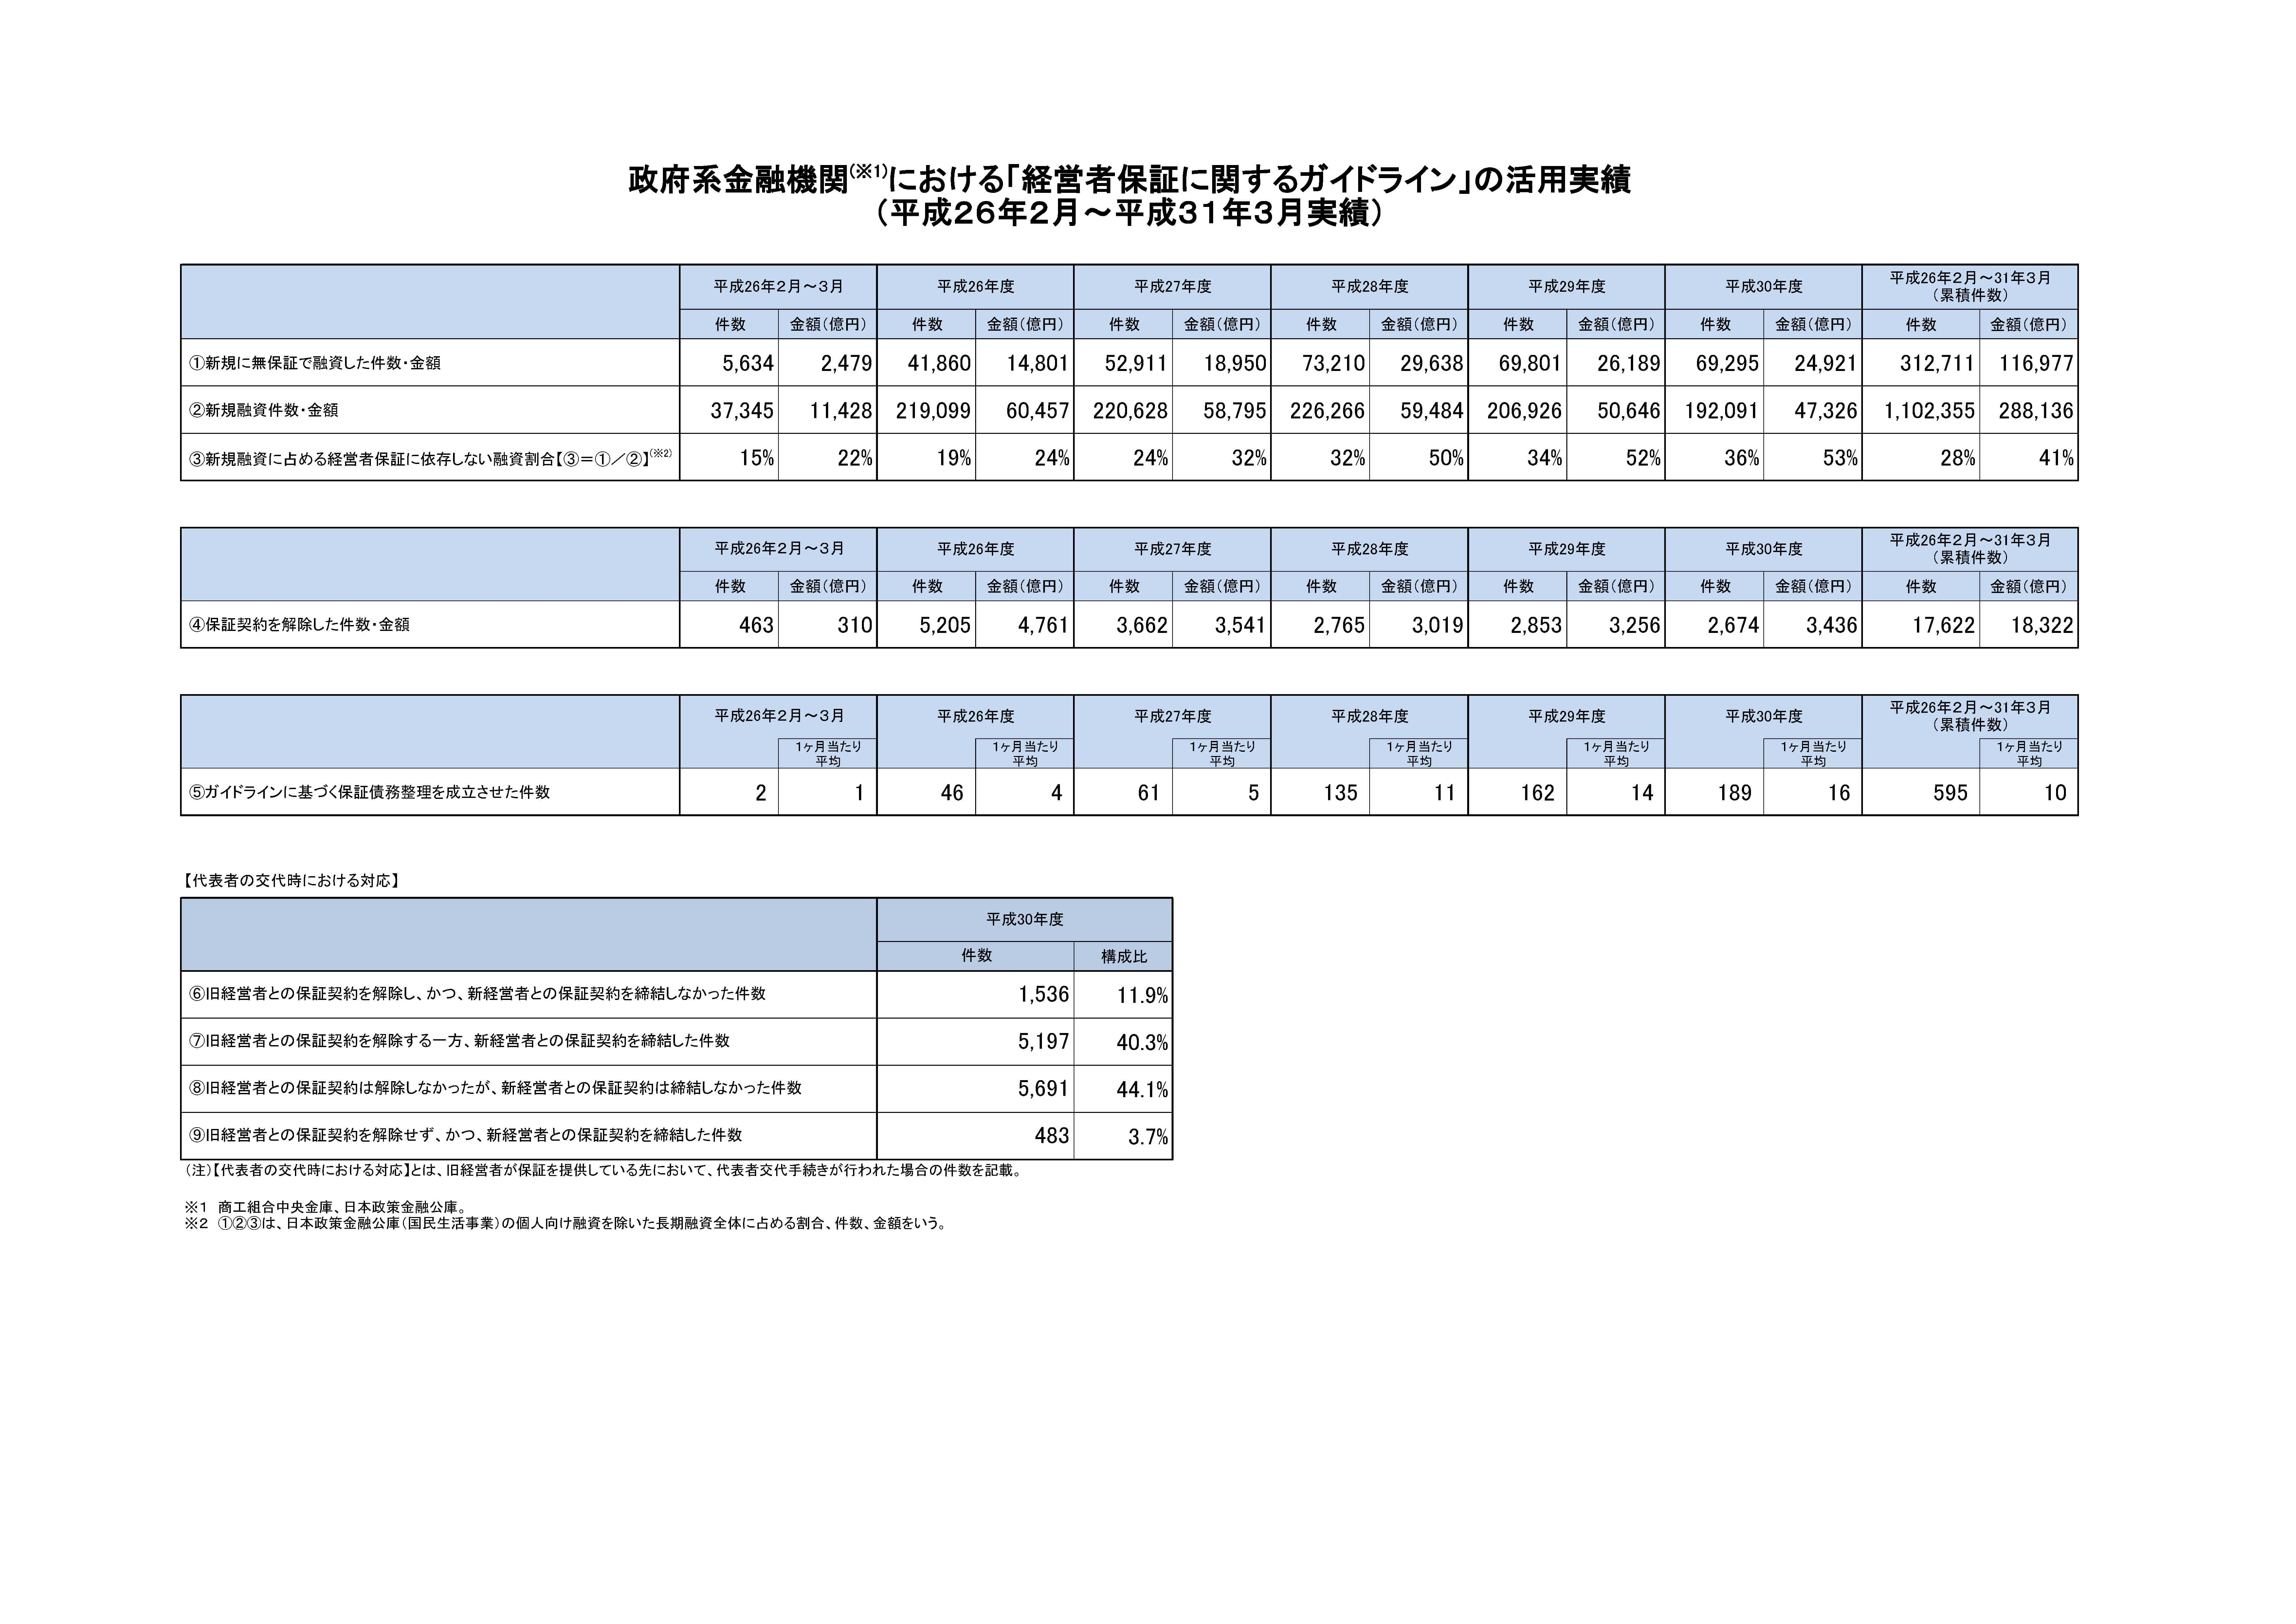 政府系金融機関における「経営者保証に関するガイドライン」の活用実績【全体】(平成26年2月~平成31年3月末実績)